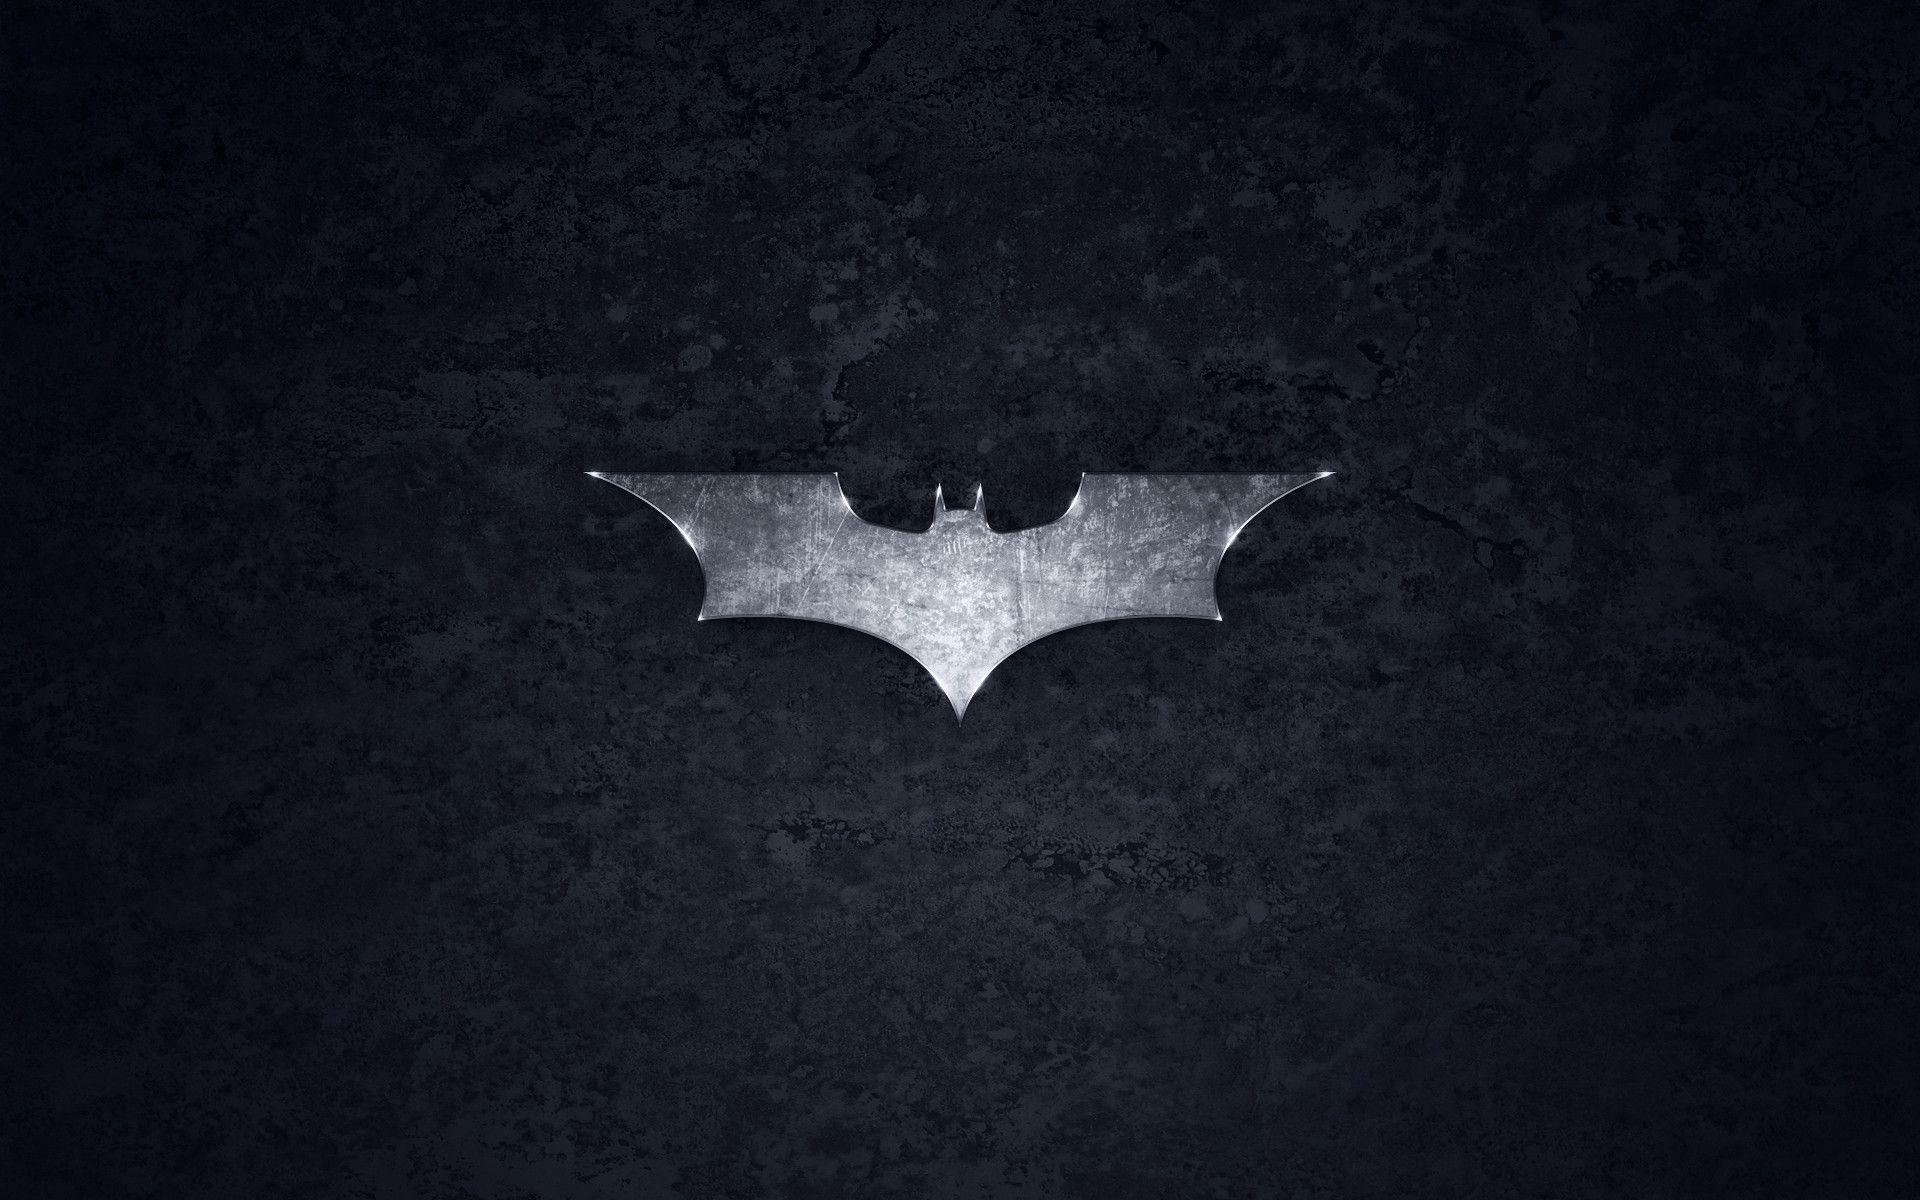 Batman Symbol Wallpapers Top Free Batman Symbol